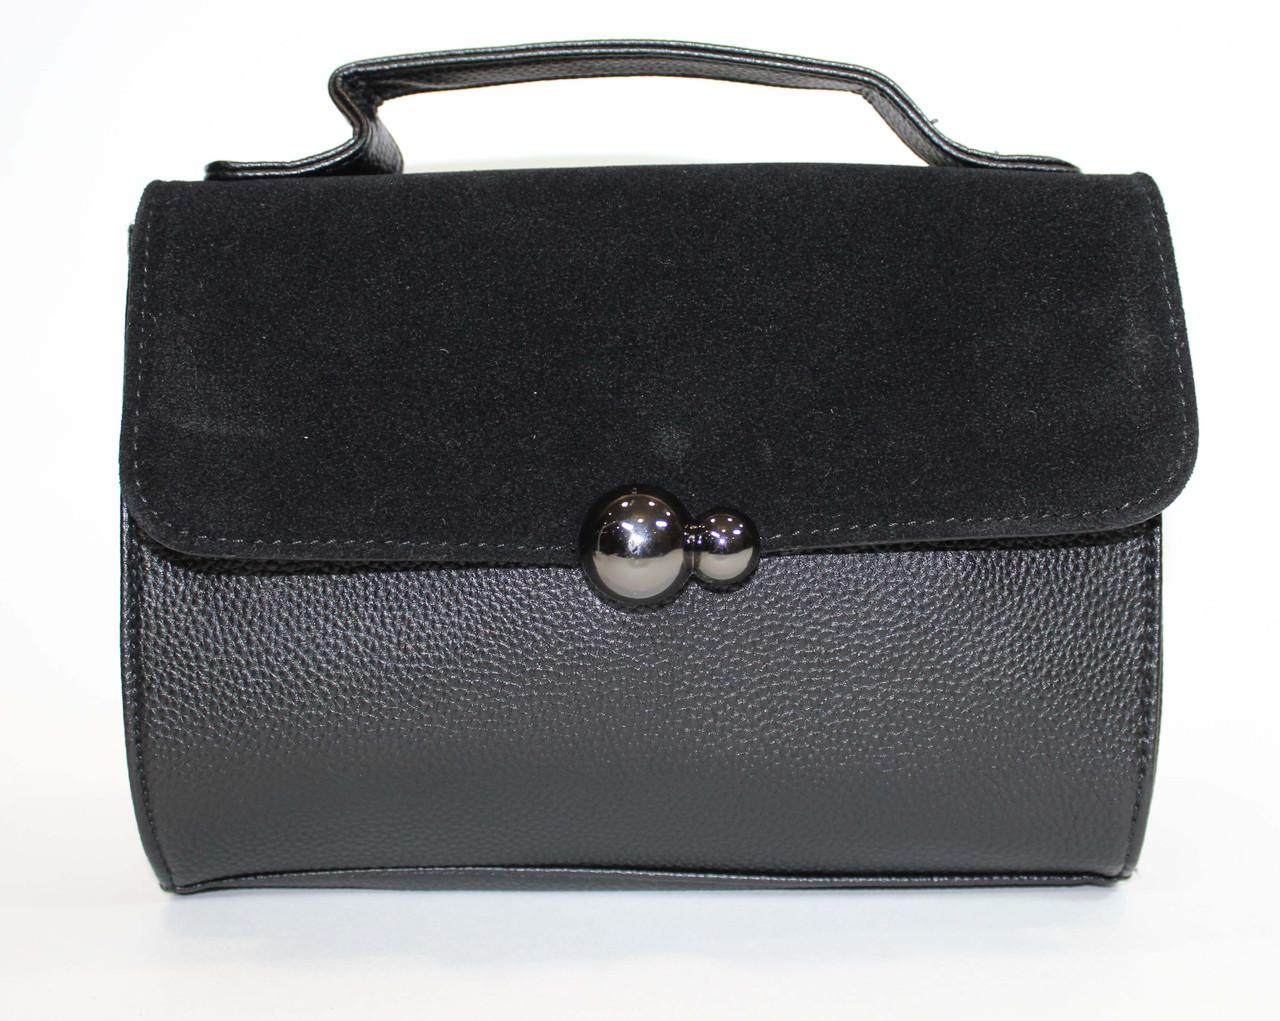 c91b336e4841 Сумочка женская маленькая 1110-1 - Komodd - Женские сумки,рюкзачки,спортивные  сумки